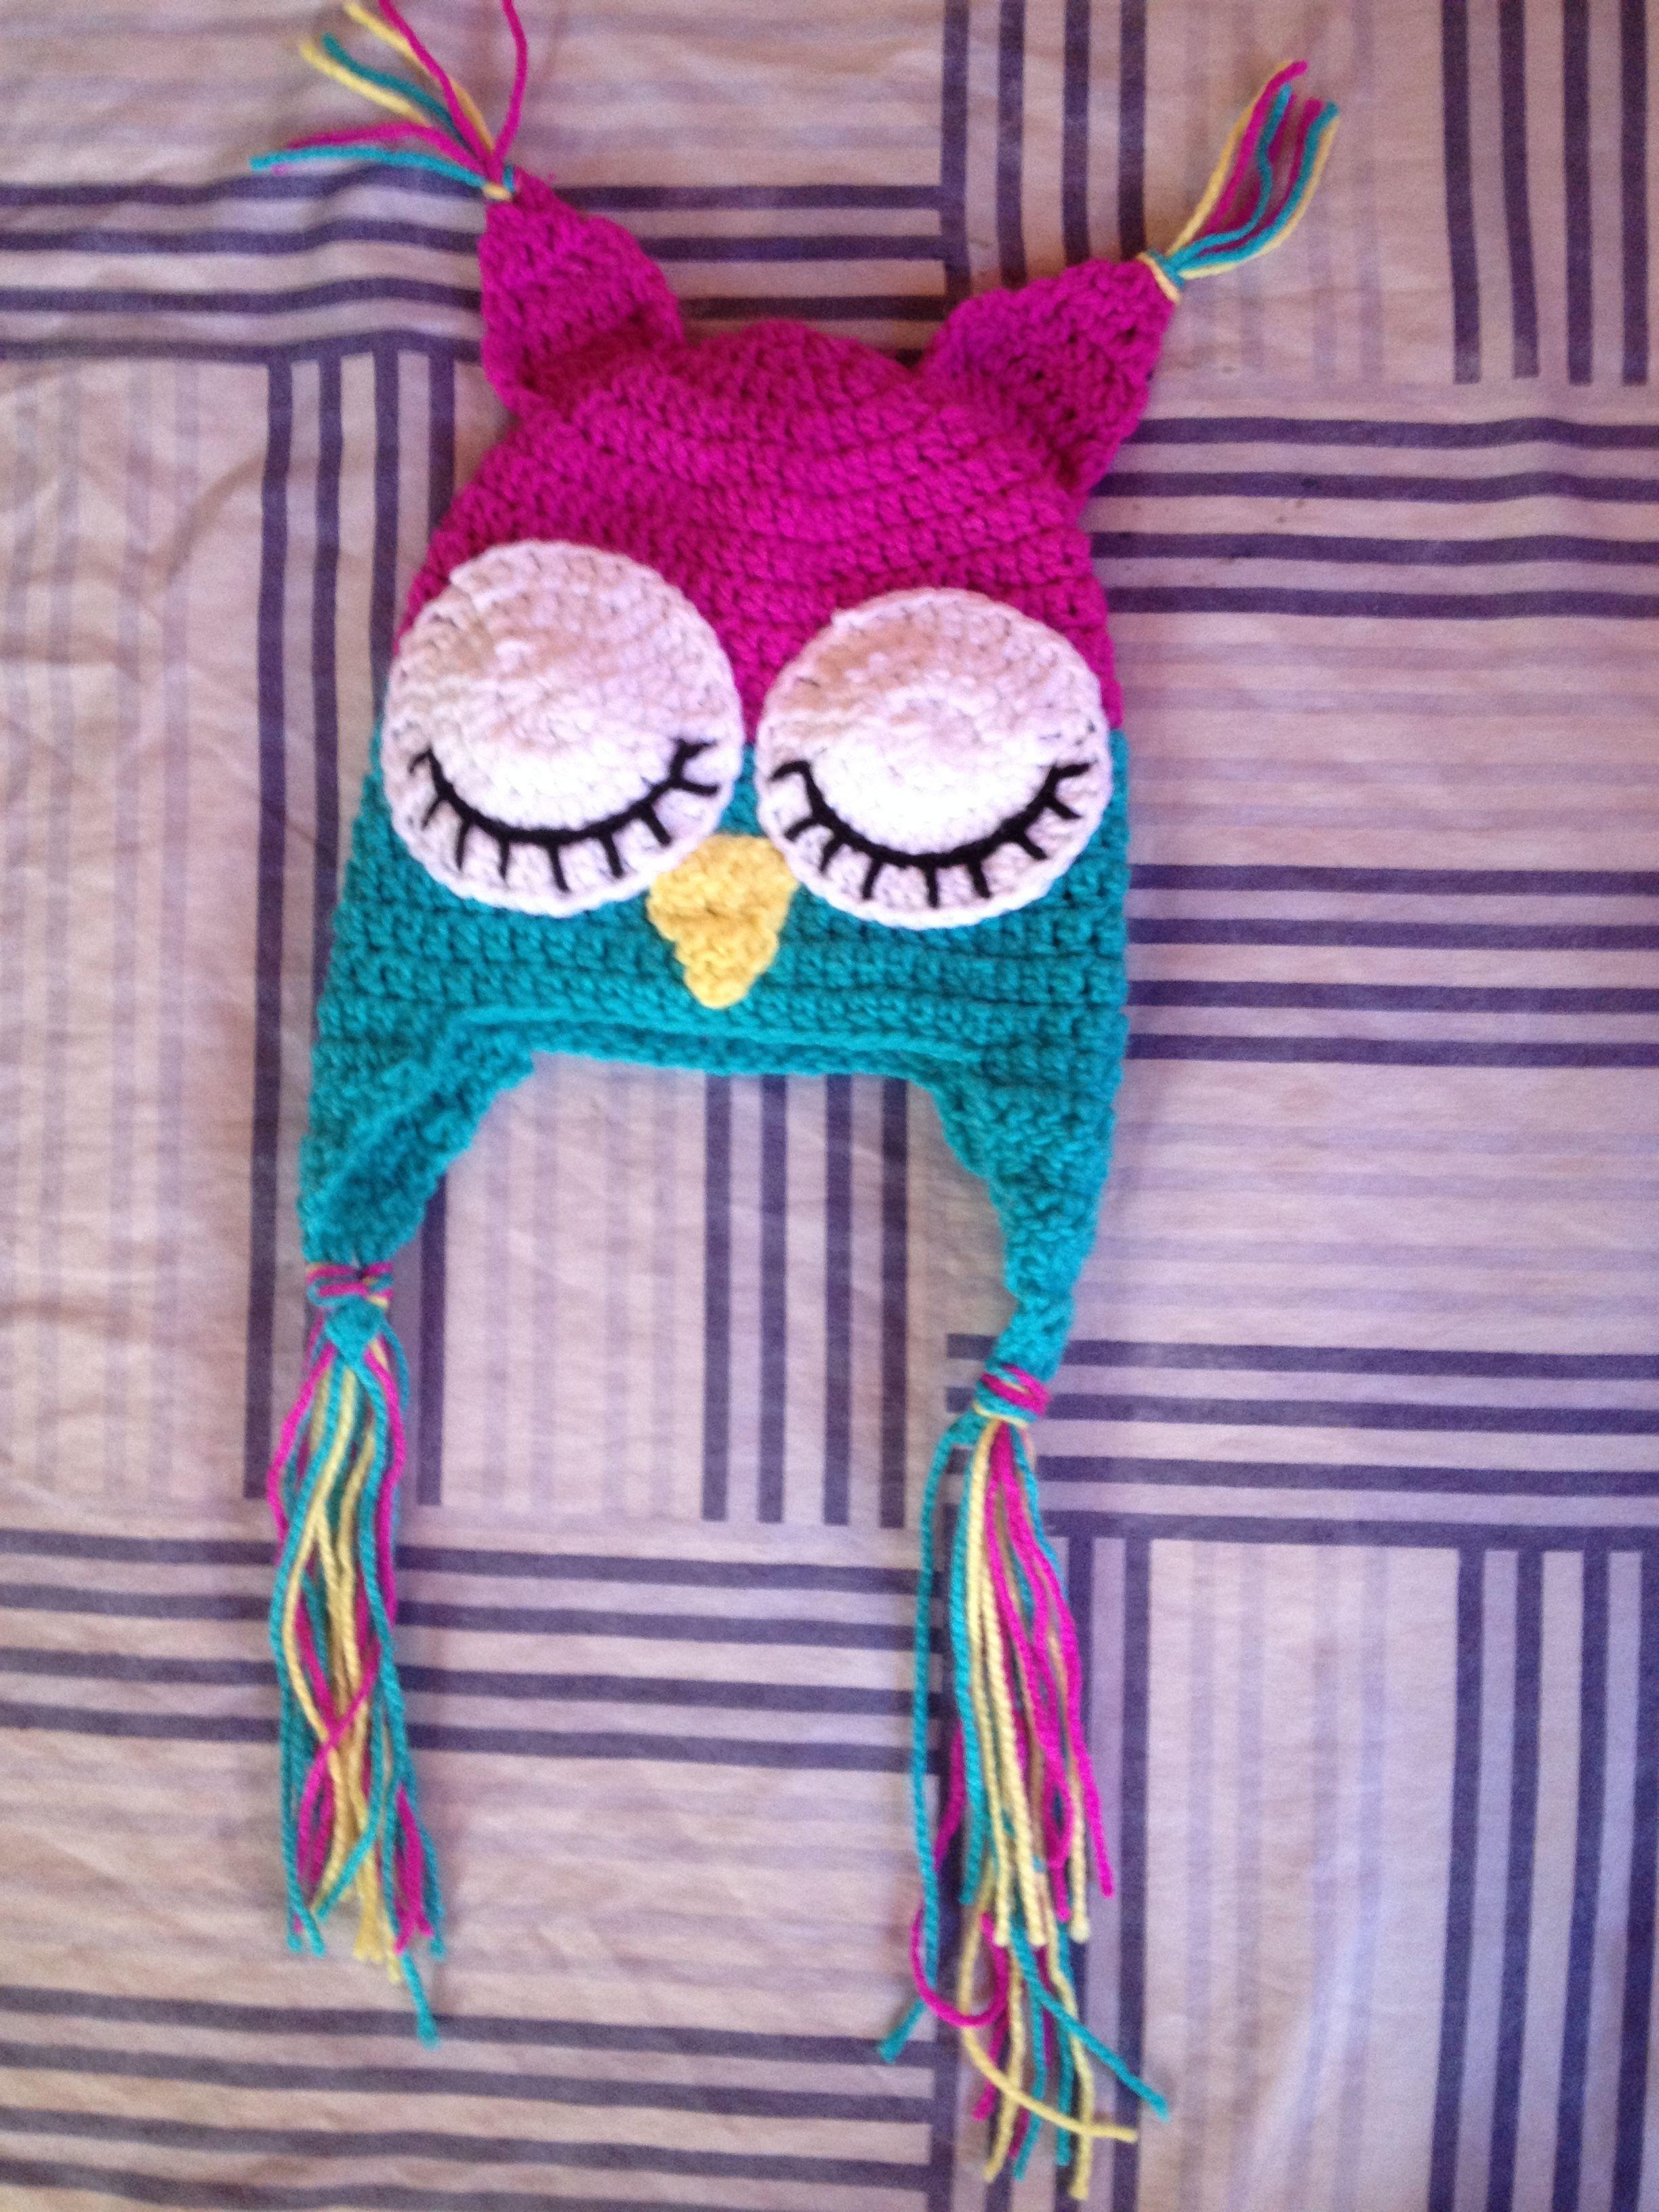 Moderno Búho Recién Nacido Patrón De Crochet Sombrero Galería ...